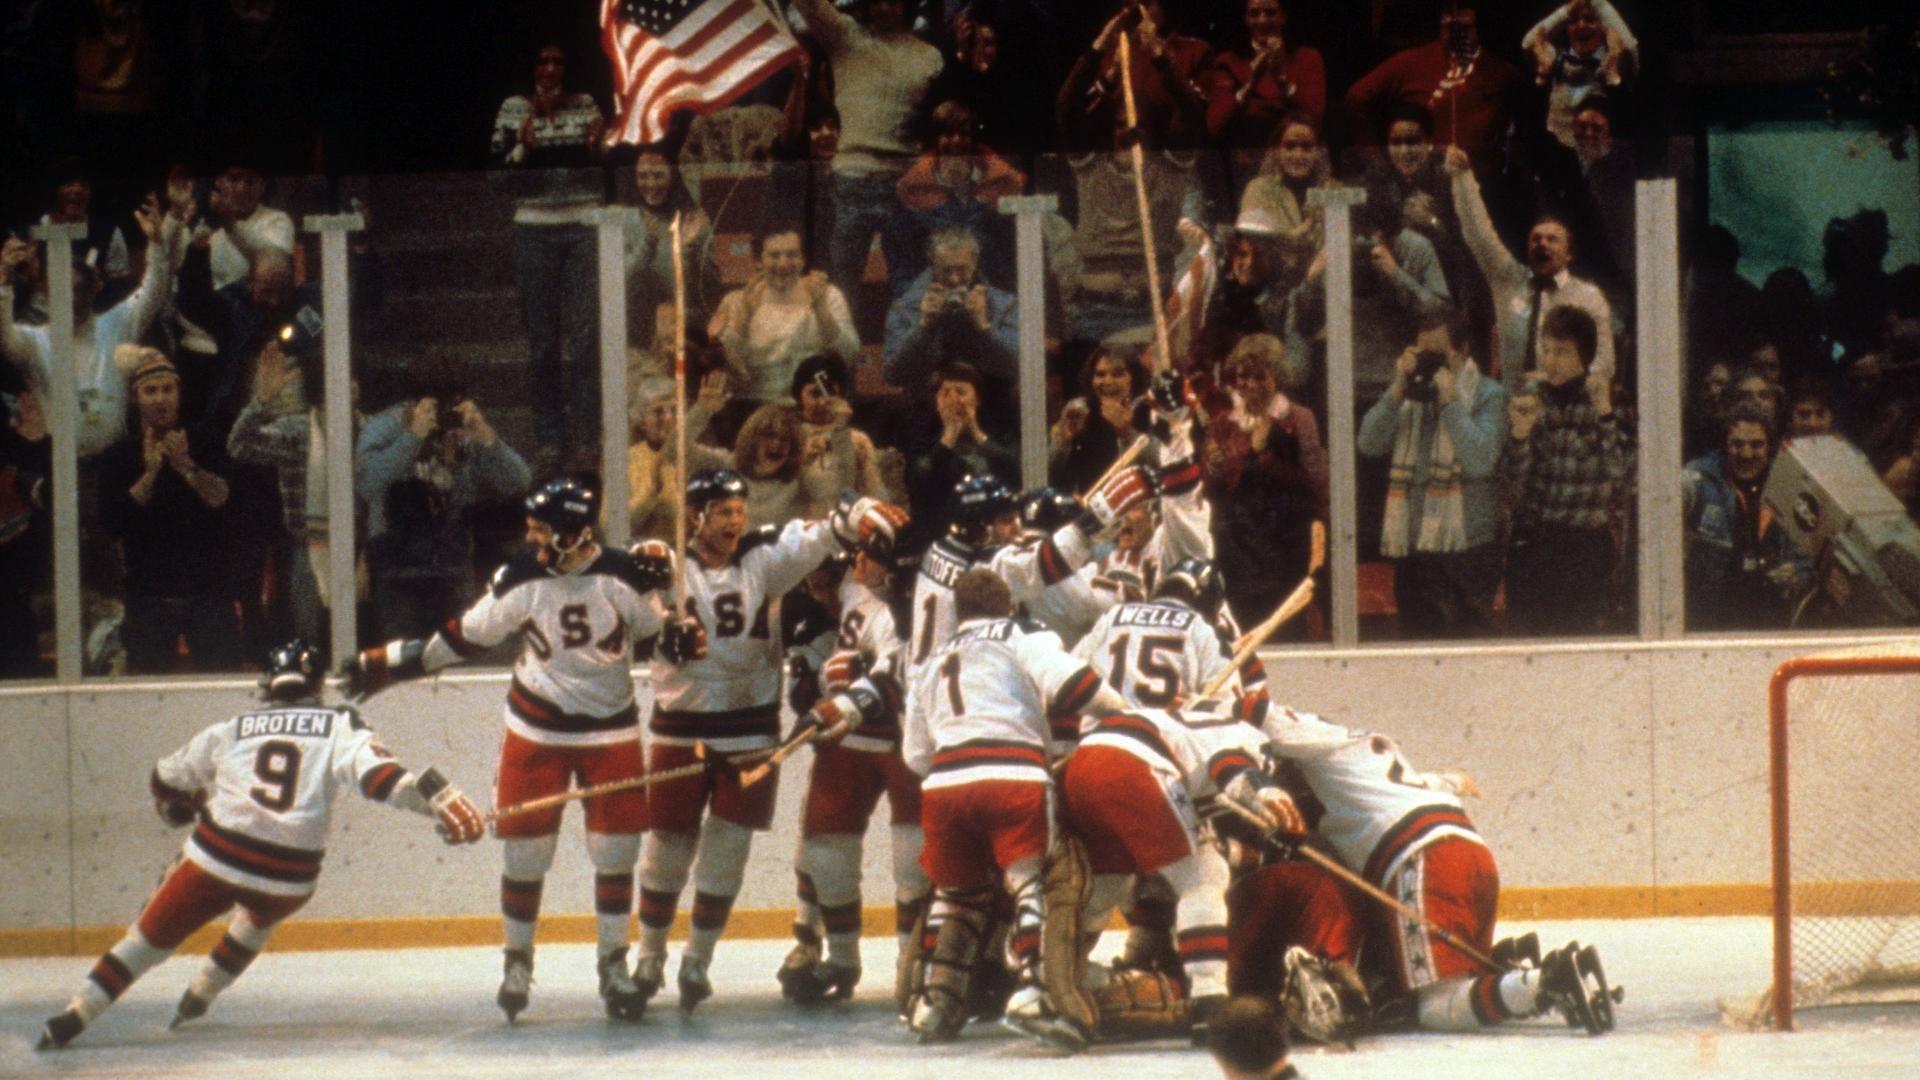 U.S. hockey team makes miracle on ice